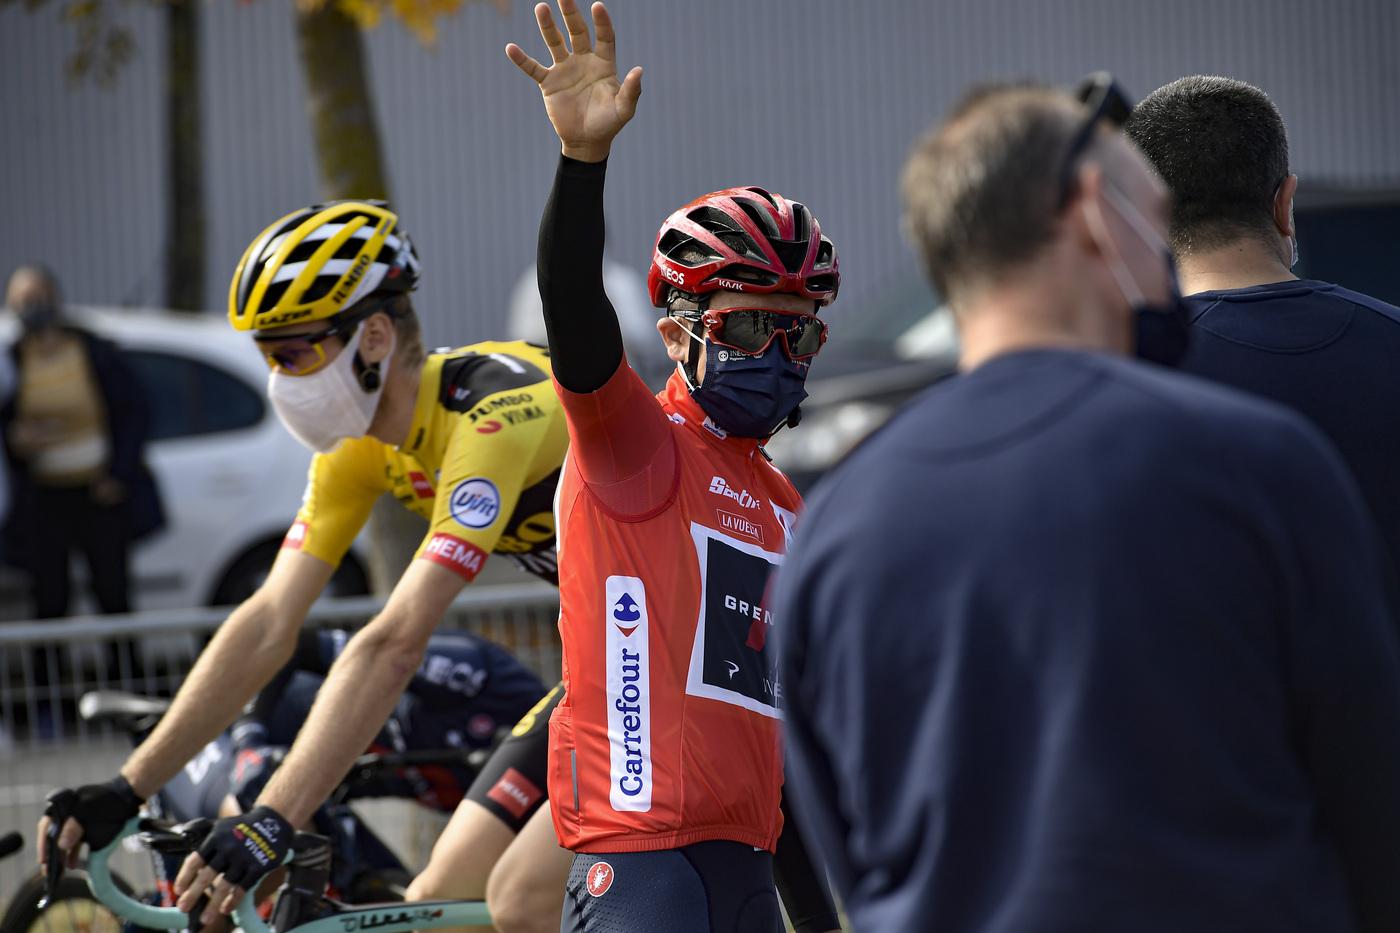 Classifica Vuelta a España 2020, nona tappa: Richard Carapaz tiene la vetta della graduatoria